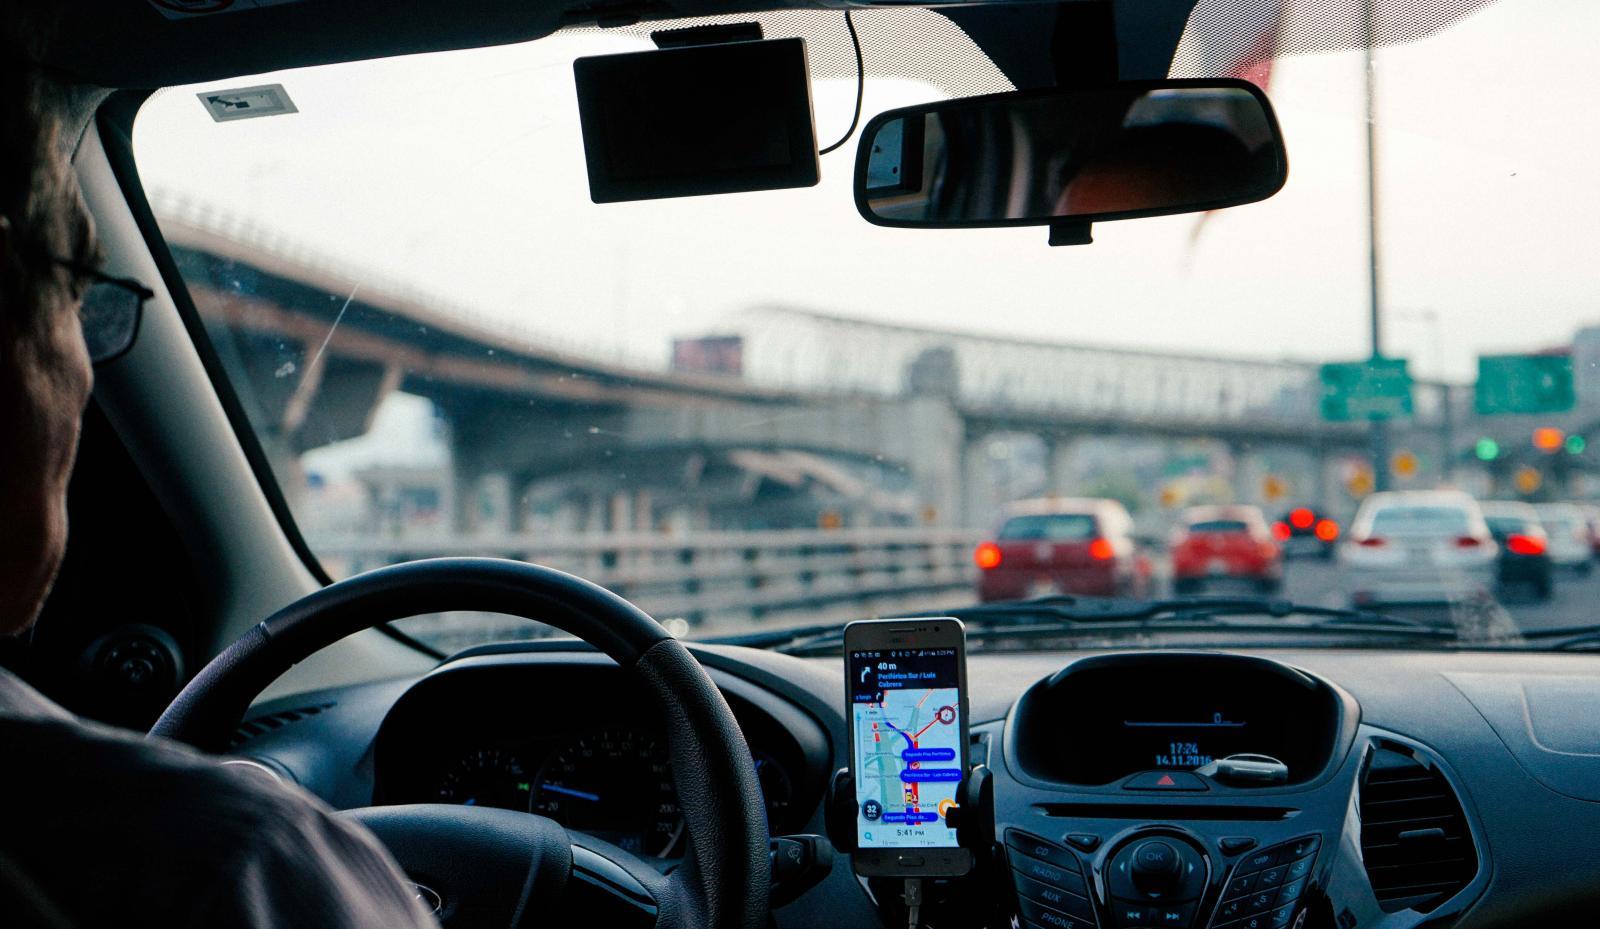 La empresa de movilidad Waze lanzó una aplicación con la que podrás compartir tu automóvil